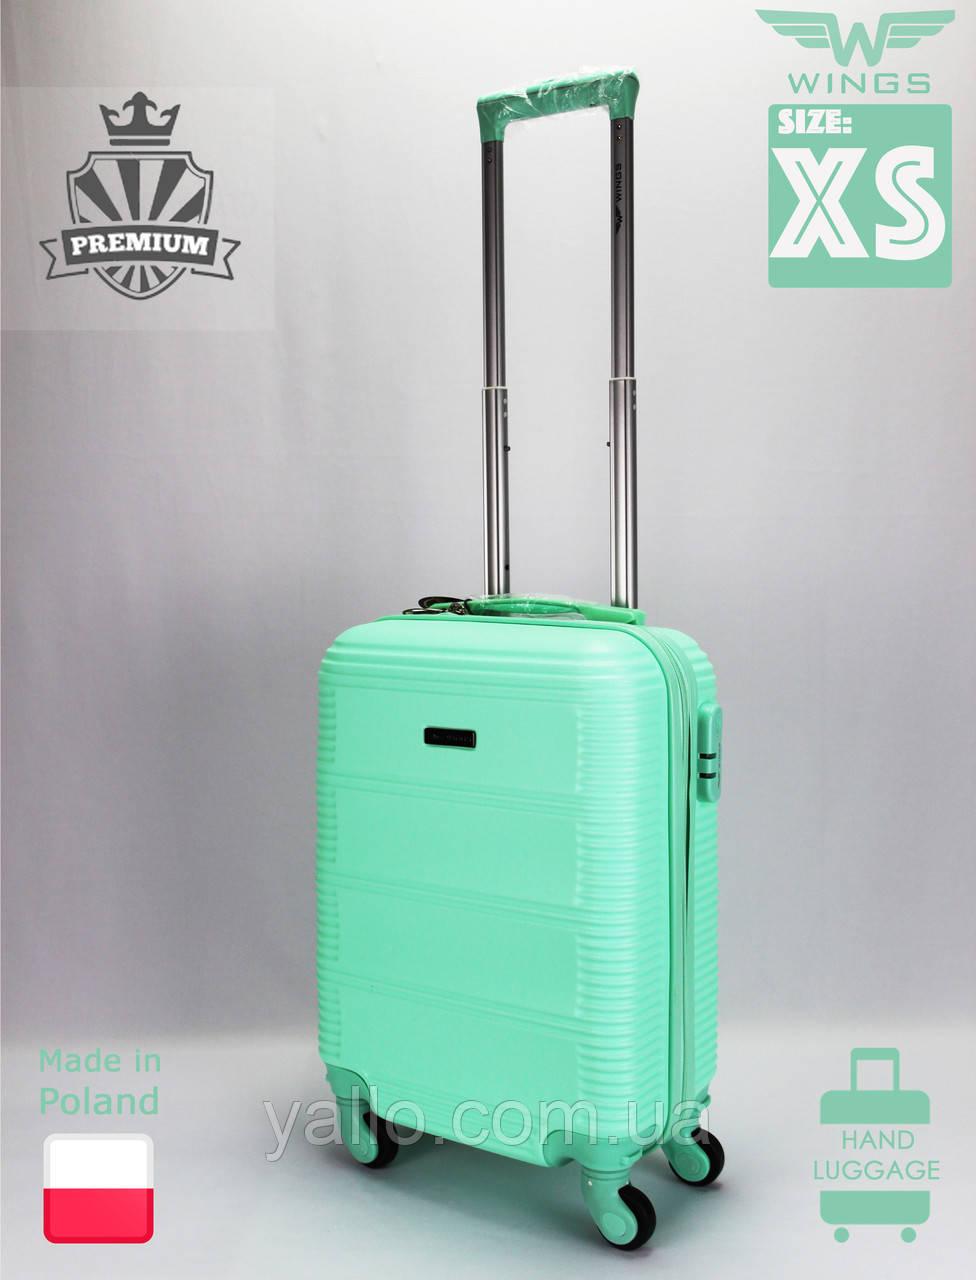 Чемодан Ударостойкий ! Самый Малый из поликарбоната WINGS K203 XS Light Green